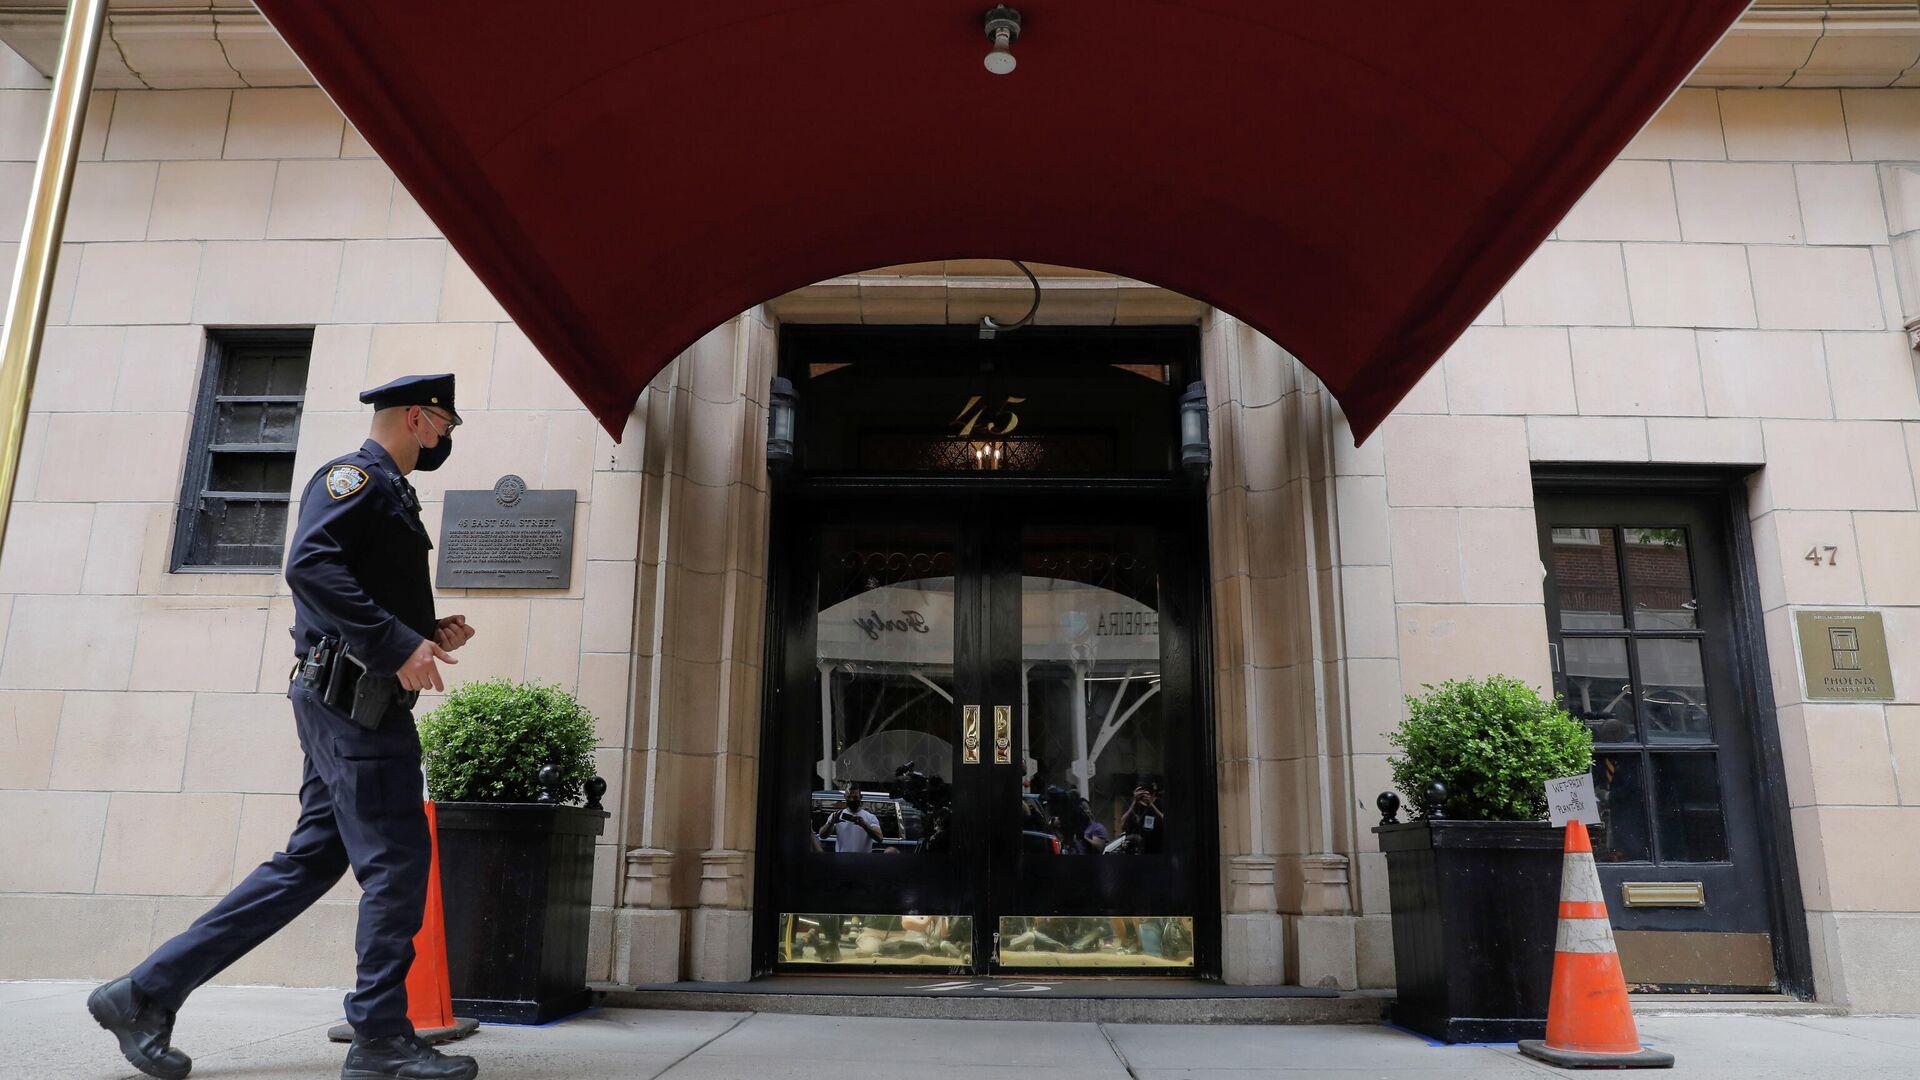 Ein Beamter der New Yorker Polizeibehörde (NYPD) betritt das Wohnhaus des ehemaligen New Yorker Bürgermeisters Rudy Giuliani, des Anwalts des Ex-US-Präsidenten Donald Trump, in Manhattan, April 28, 2021. - SNA, 1920, 28.04.2021